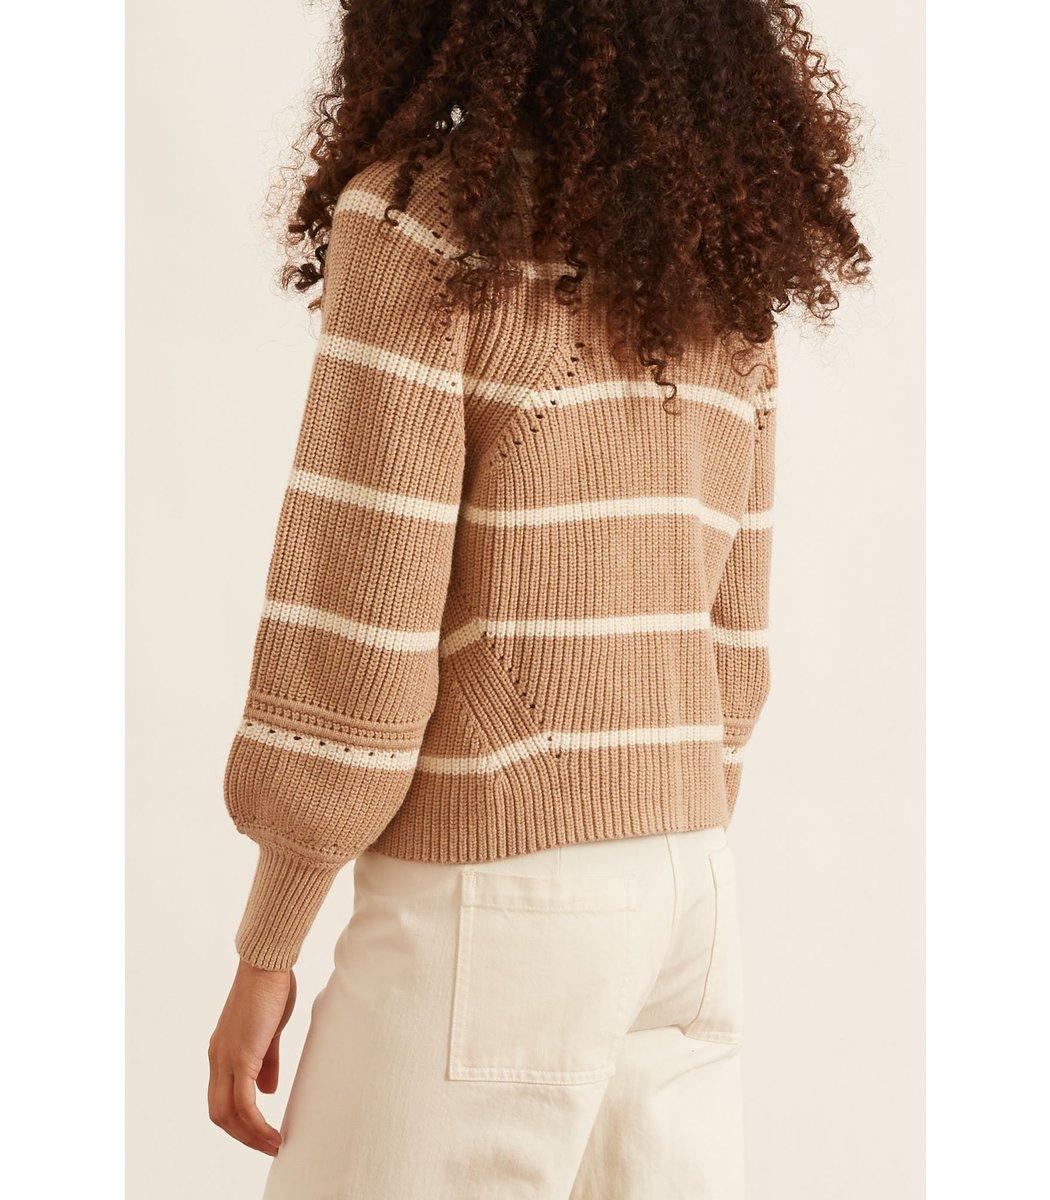 APIECE APART Knits Celeste Crop Knit in Cream Camel Stripe